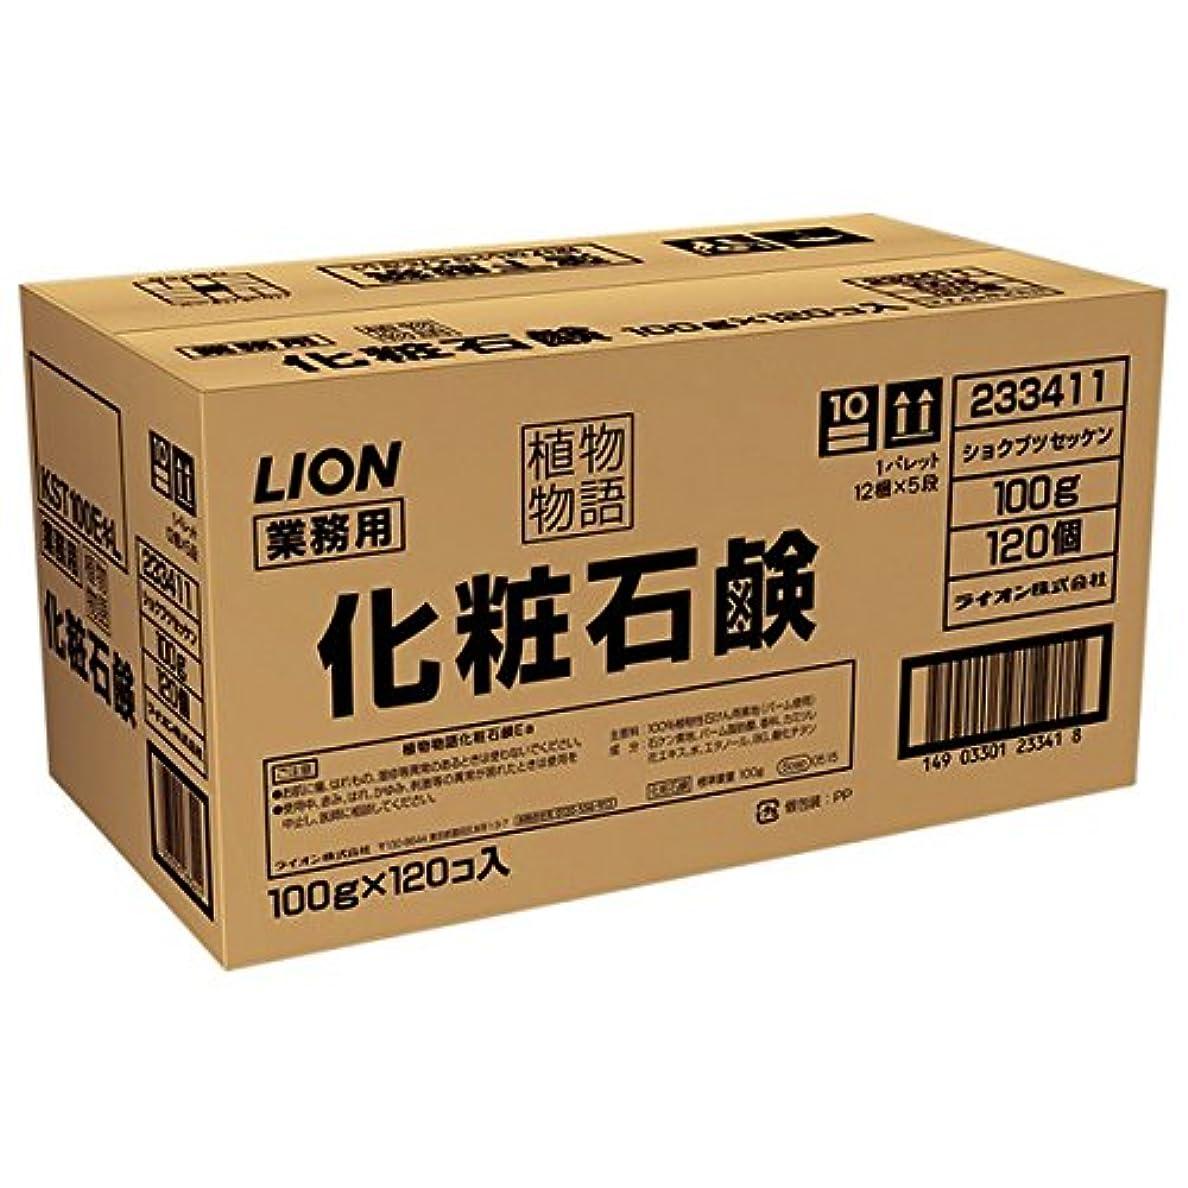 先命令曲ライオン 植物物語 化粧石鹸 業務用 100g 1箱(120個)